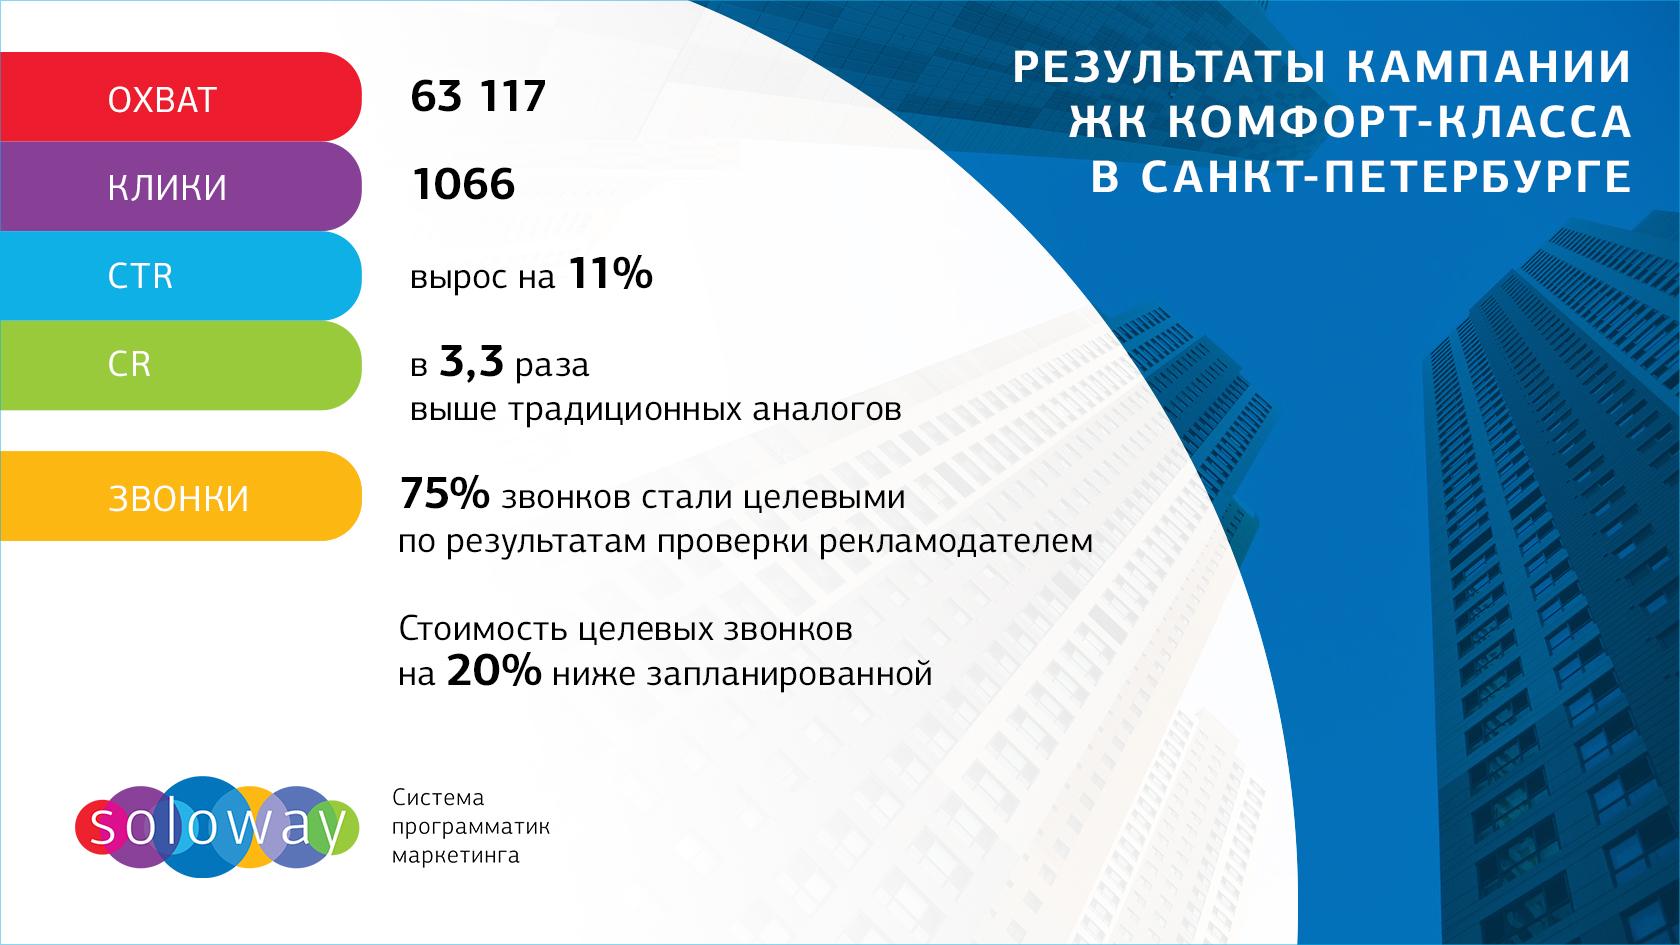 Результаты рекламной кампании ЖК комфорт-класса в СПб